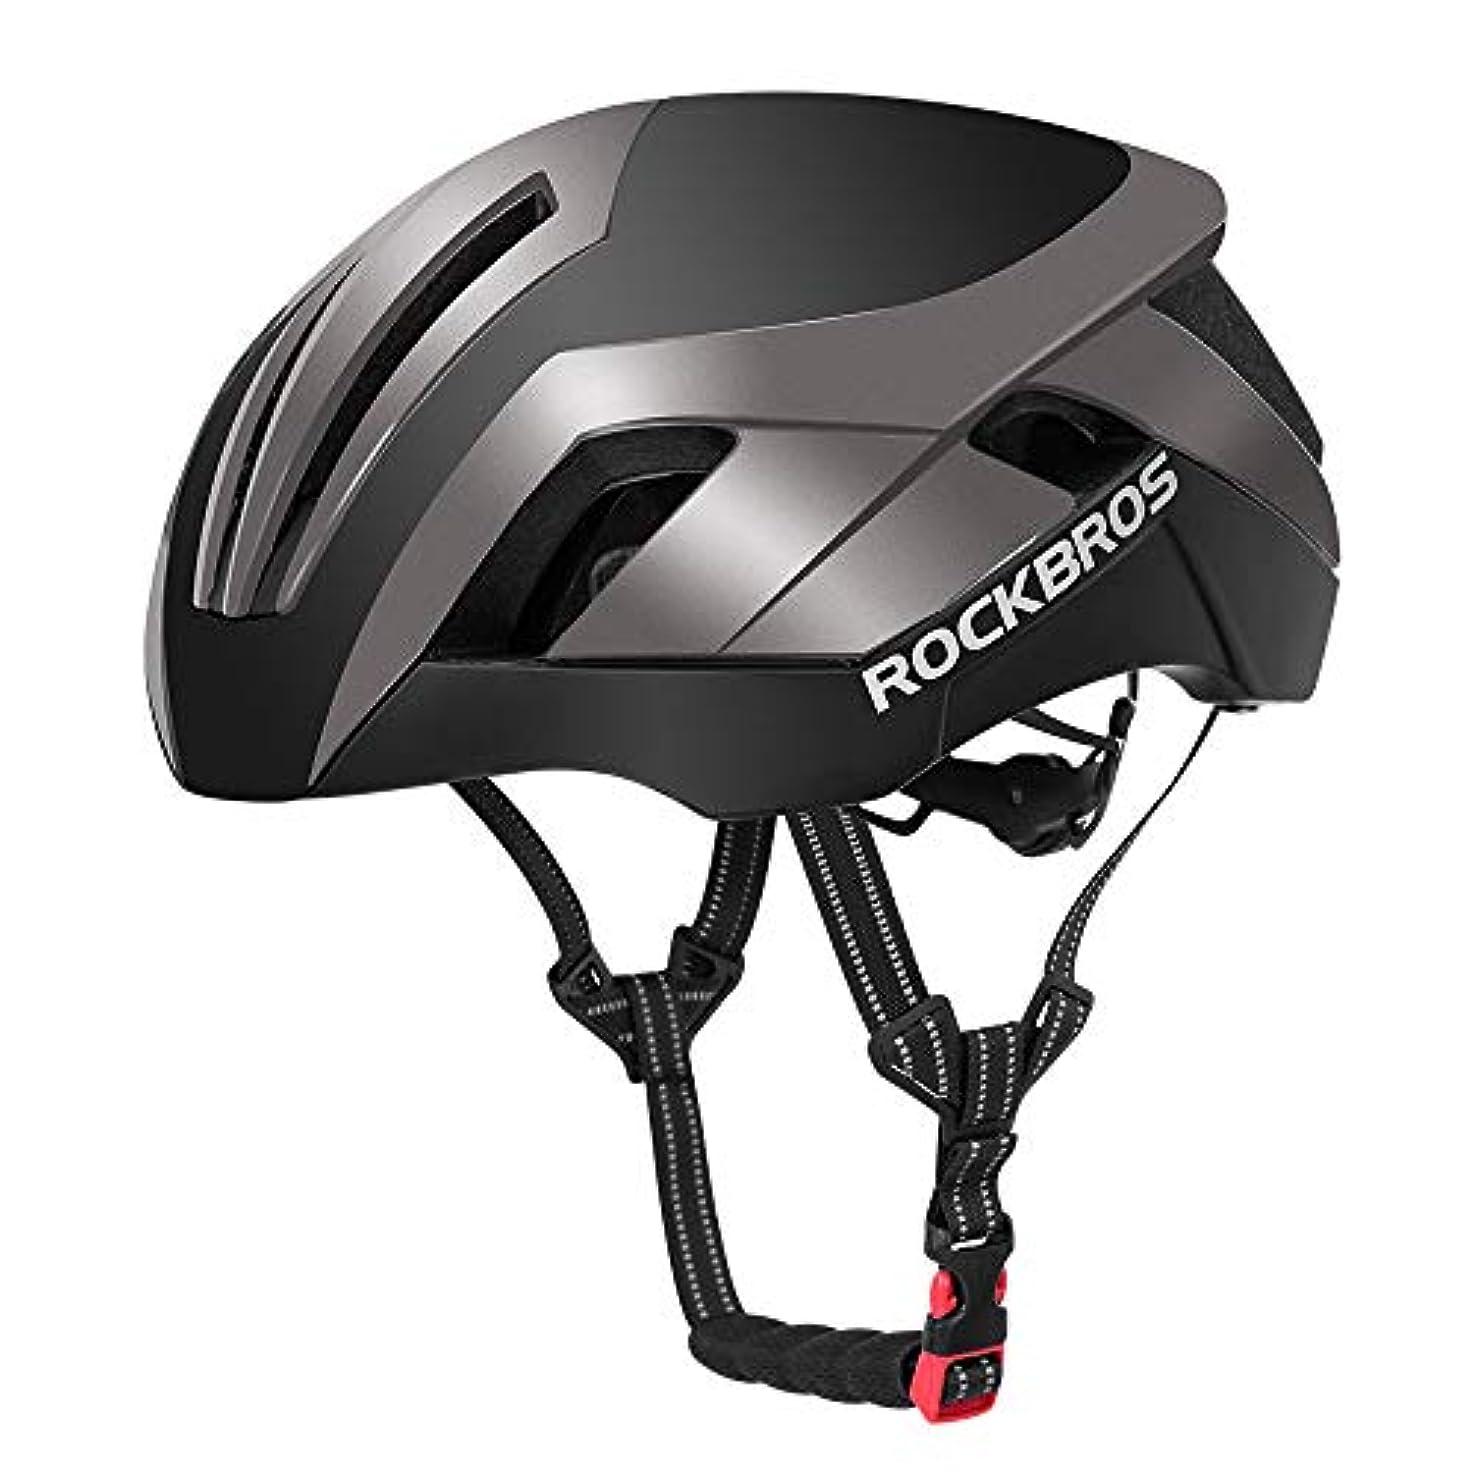 熱望する空洞ハックLIXADA 自転車ヘルメット サイクリング ロードバイクヘルメット超軽量 高剛性 衝撃吸収 通気性 サイズ調整 男性用 色選択可